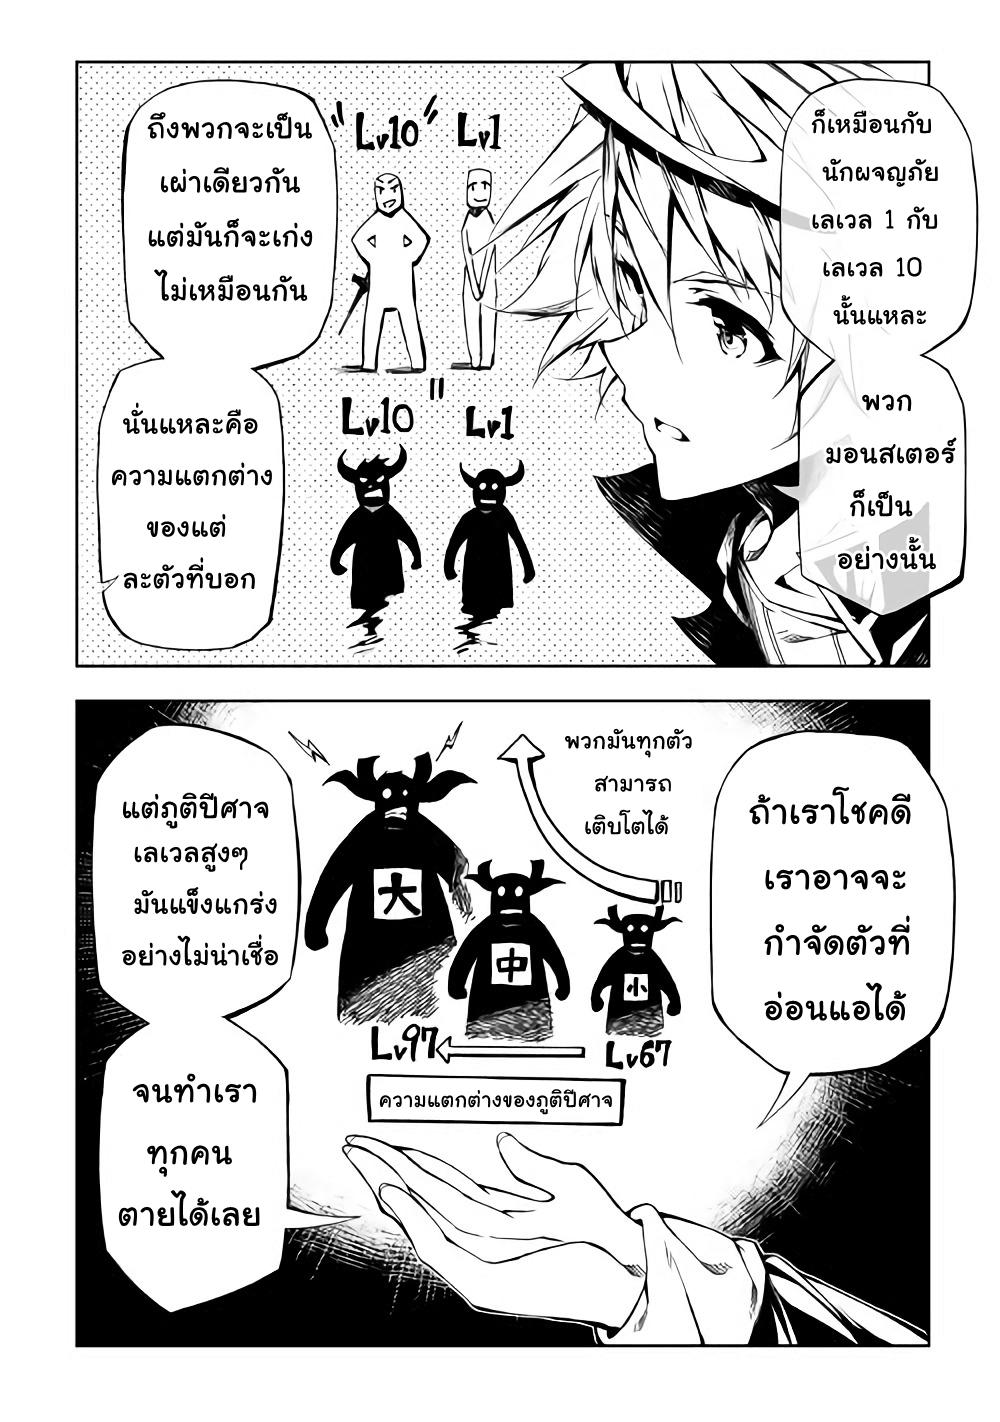 อ่านการ์ตูน Kouritsu Kuriya Madoushi, Dani no Jinsei de Madou o Kiwameru ตอนที่ 29 กระสุนเวทย์มนตร์ที่ชั่วร้าย หน้า 4